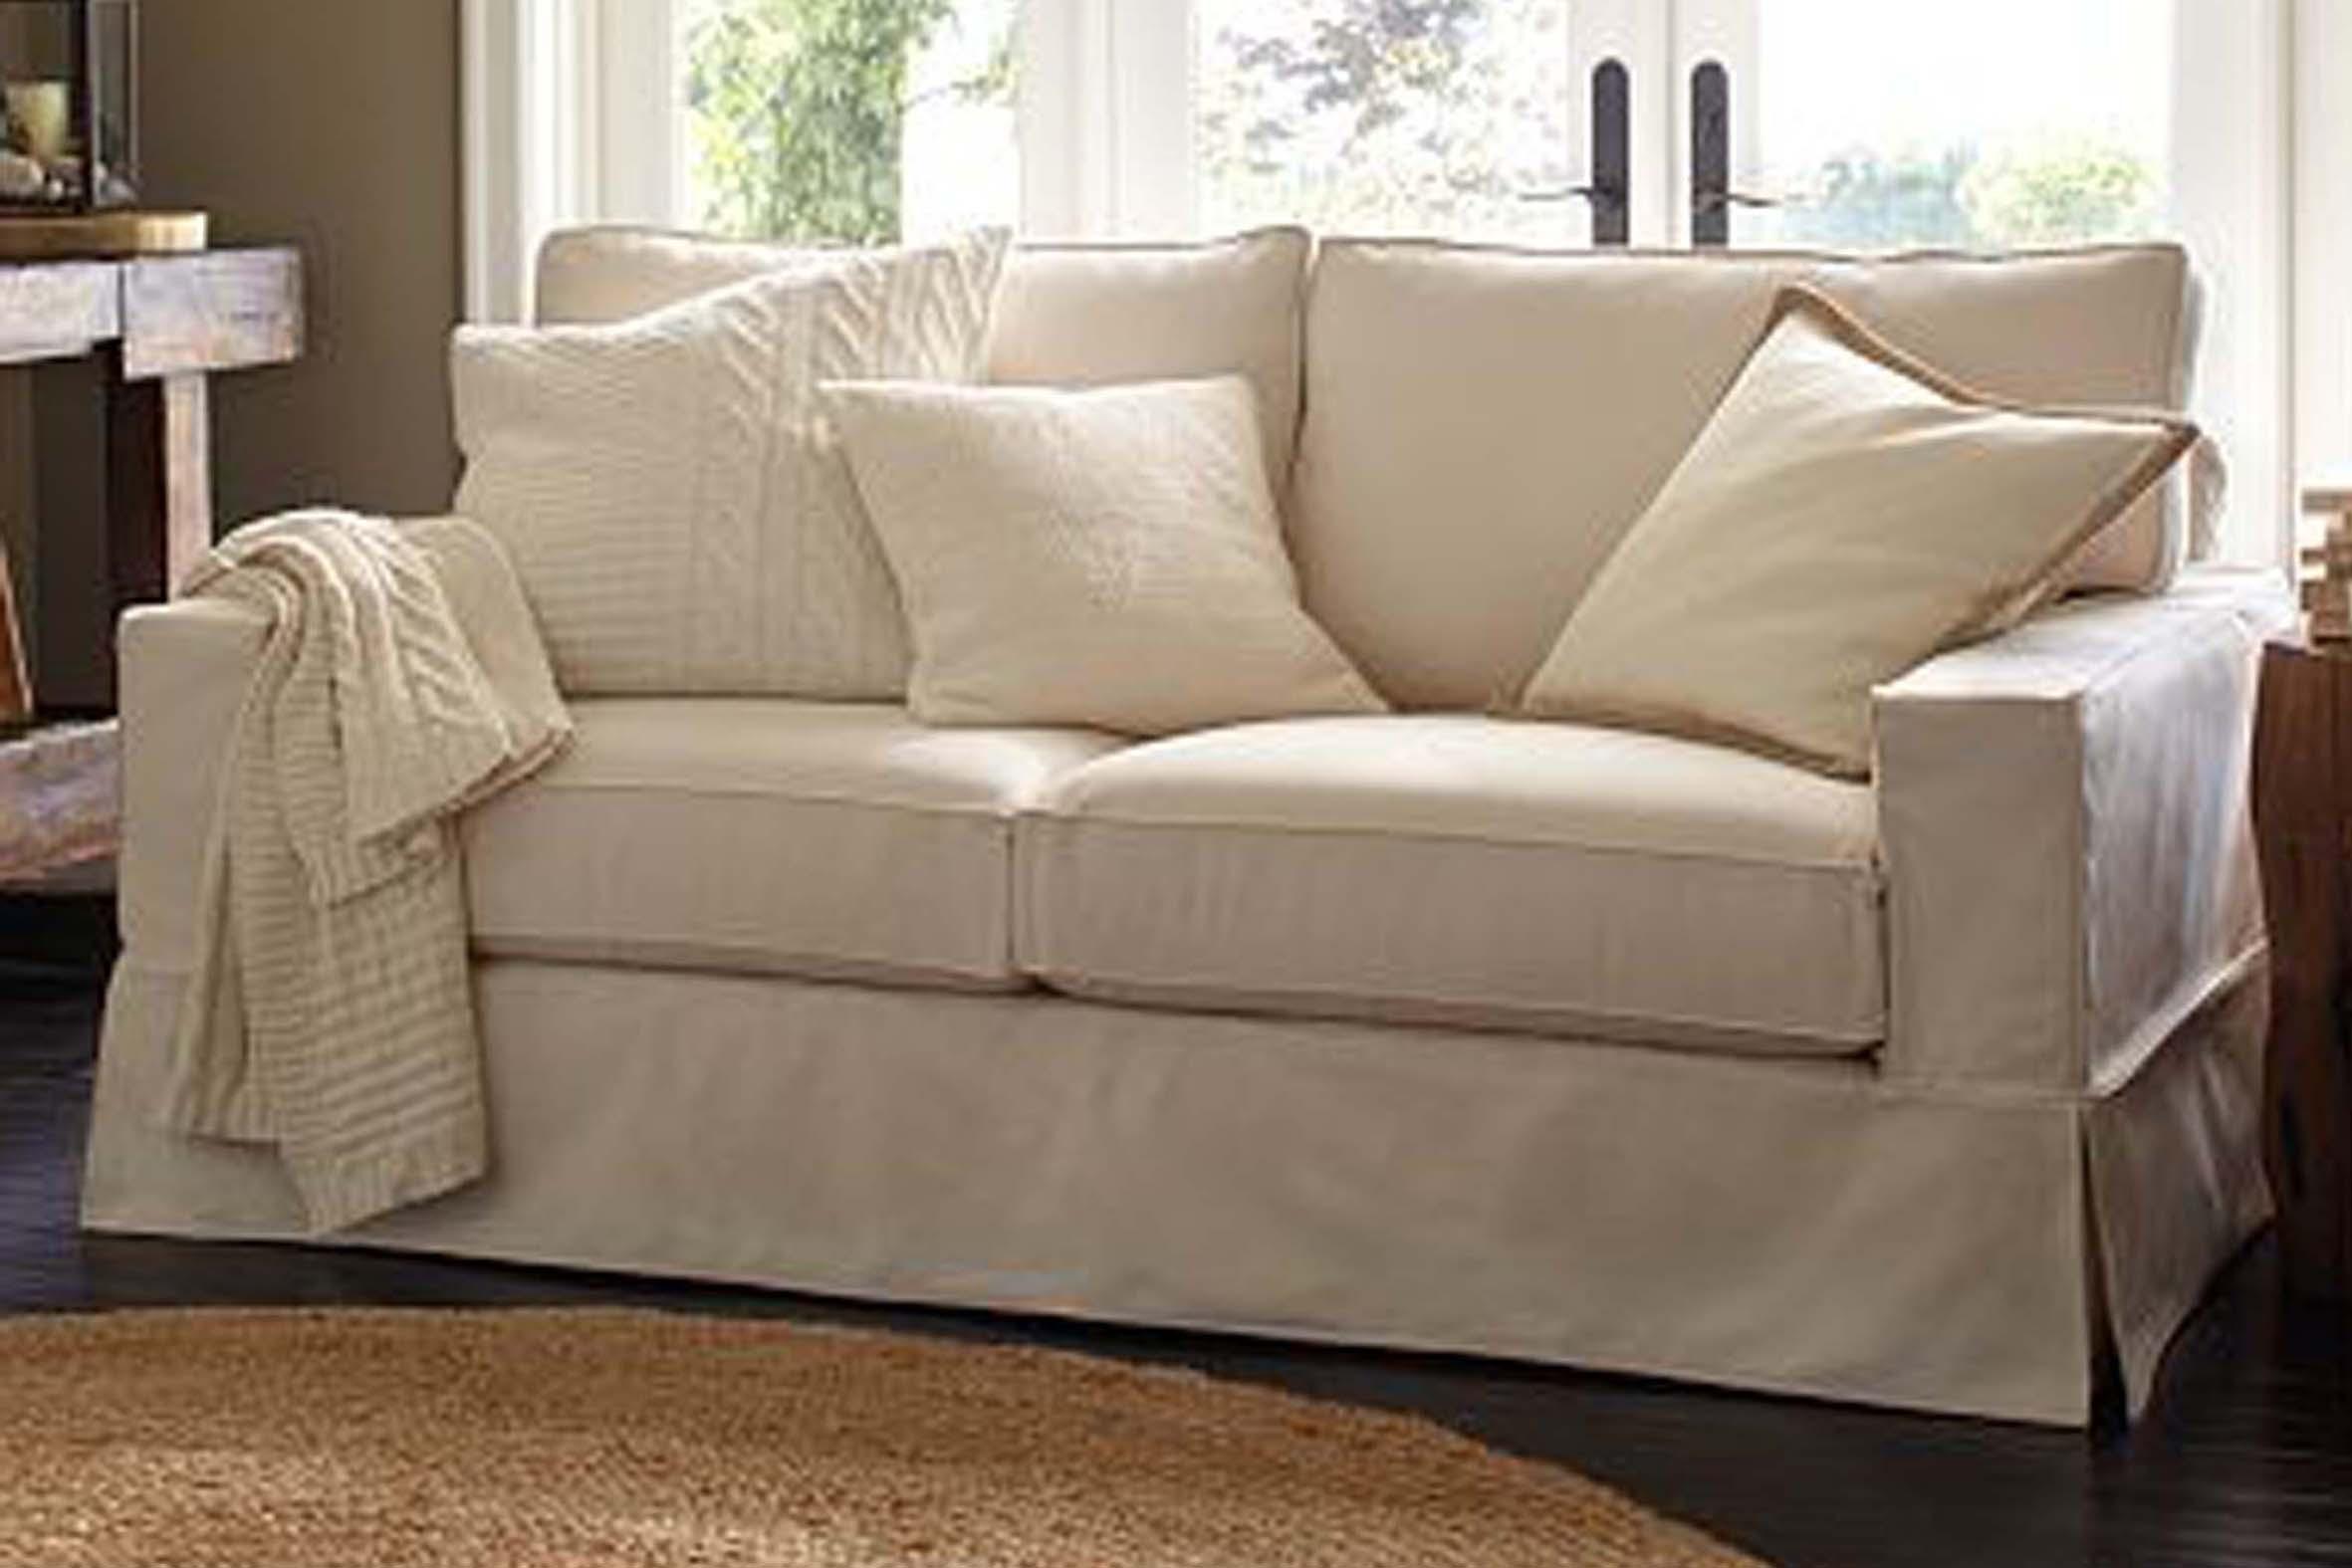 Sofa estilo ingles for Sofas clasicos estilo ingles